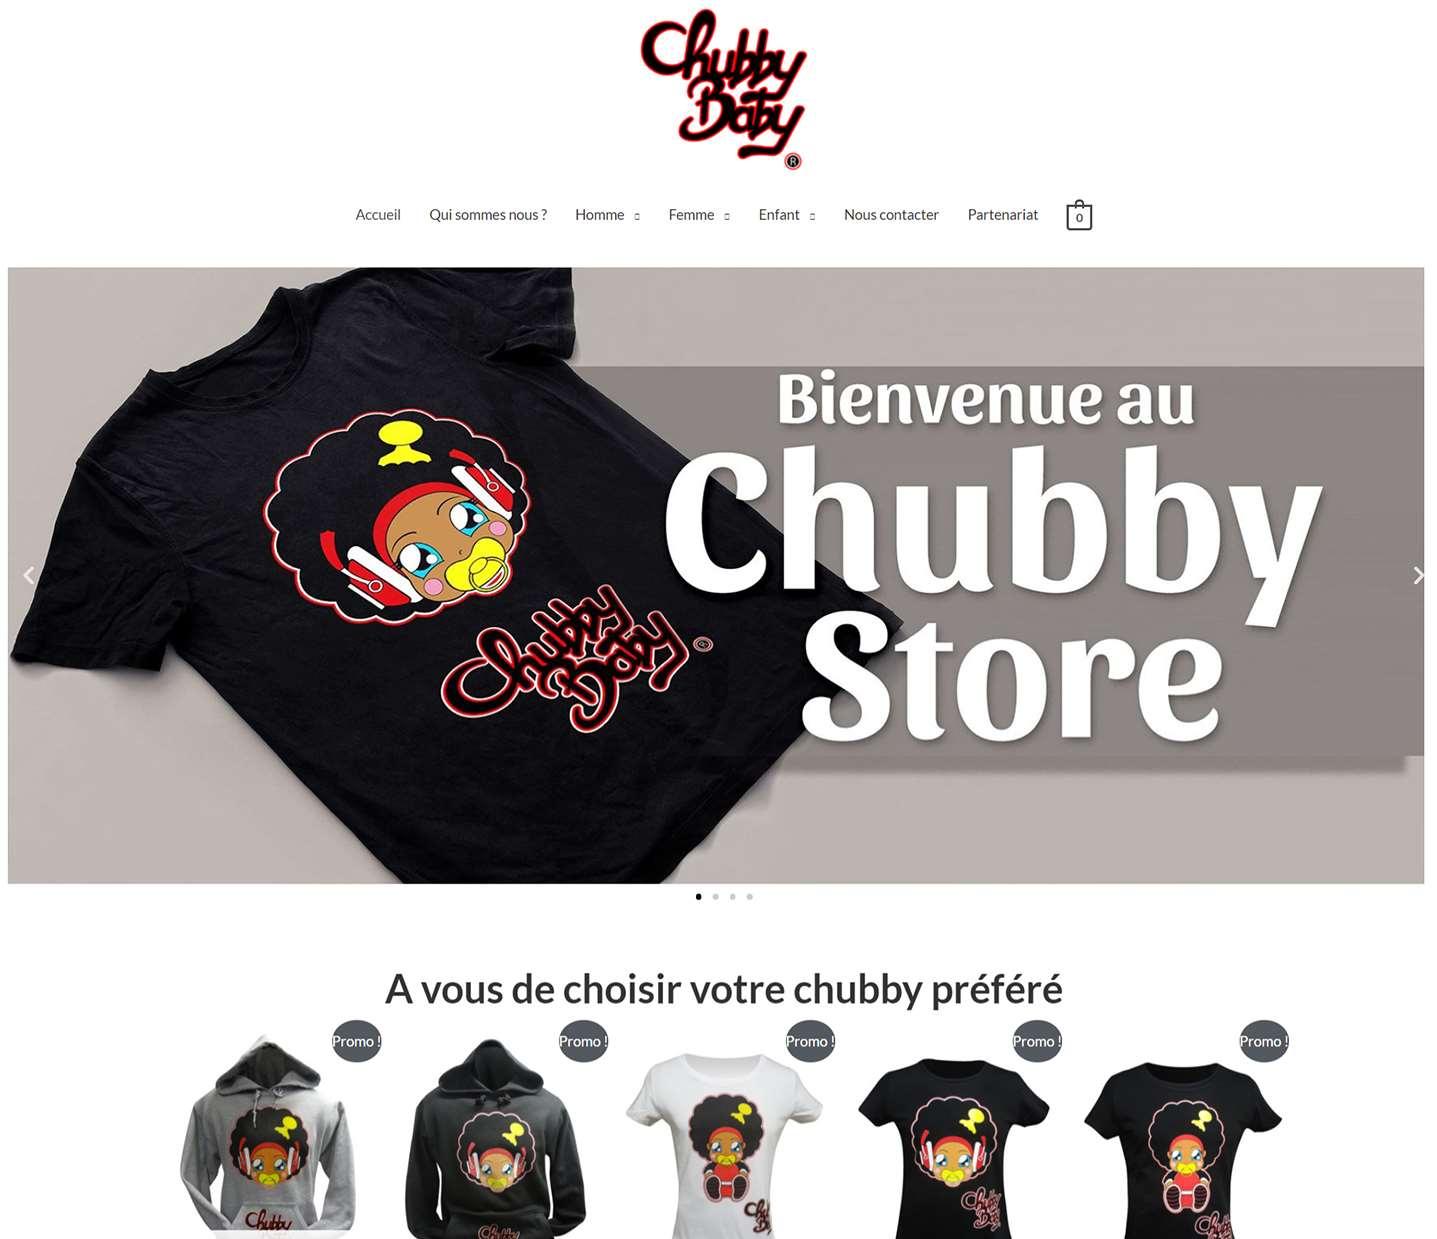 chubby-store boutique en ligne e-commerce de vêtement pour enfant fait par lovinsky freelance à nantes